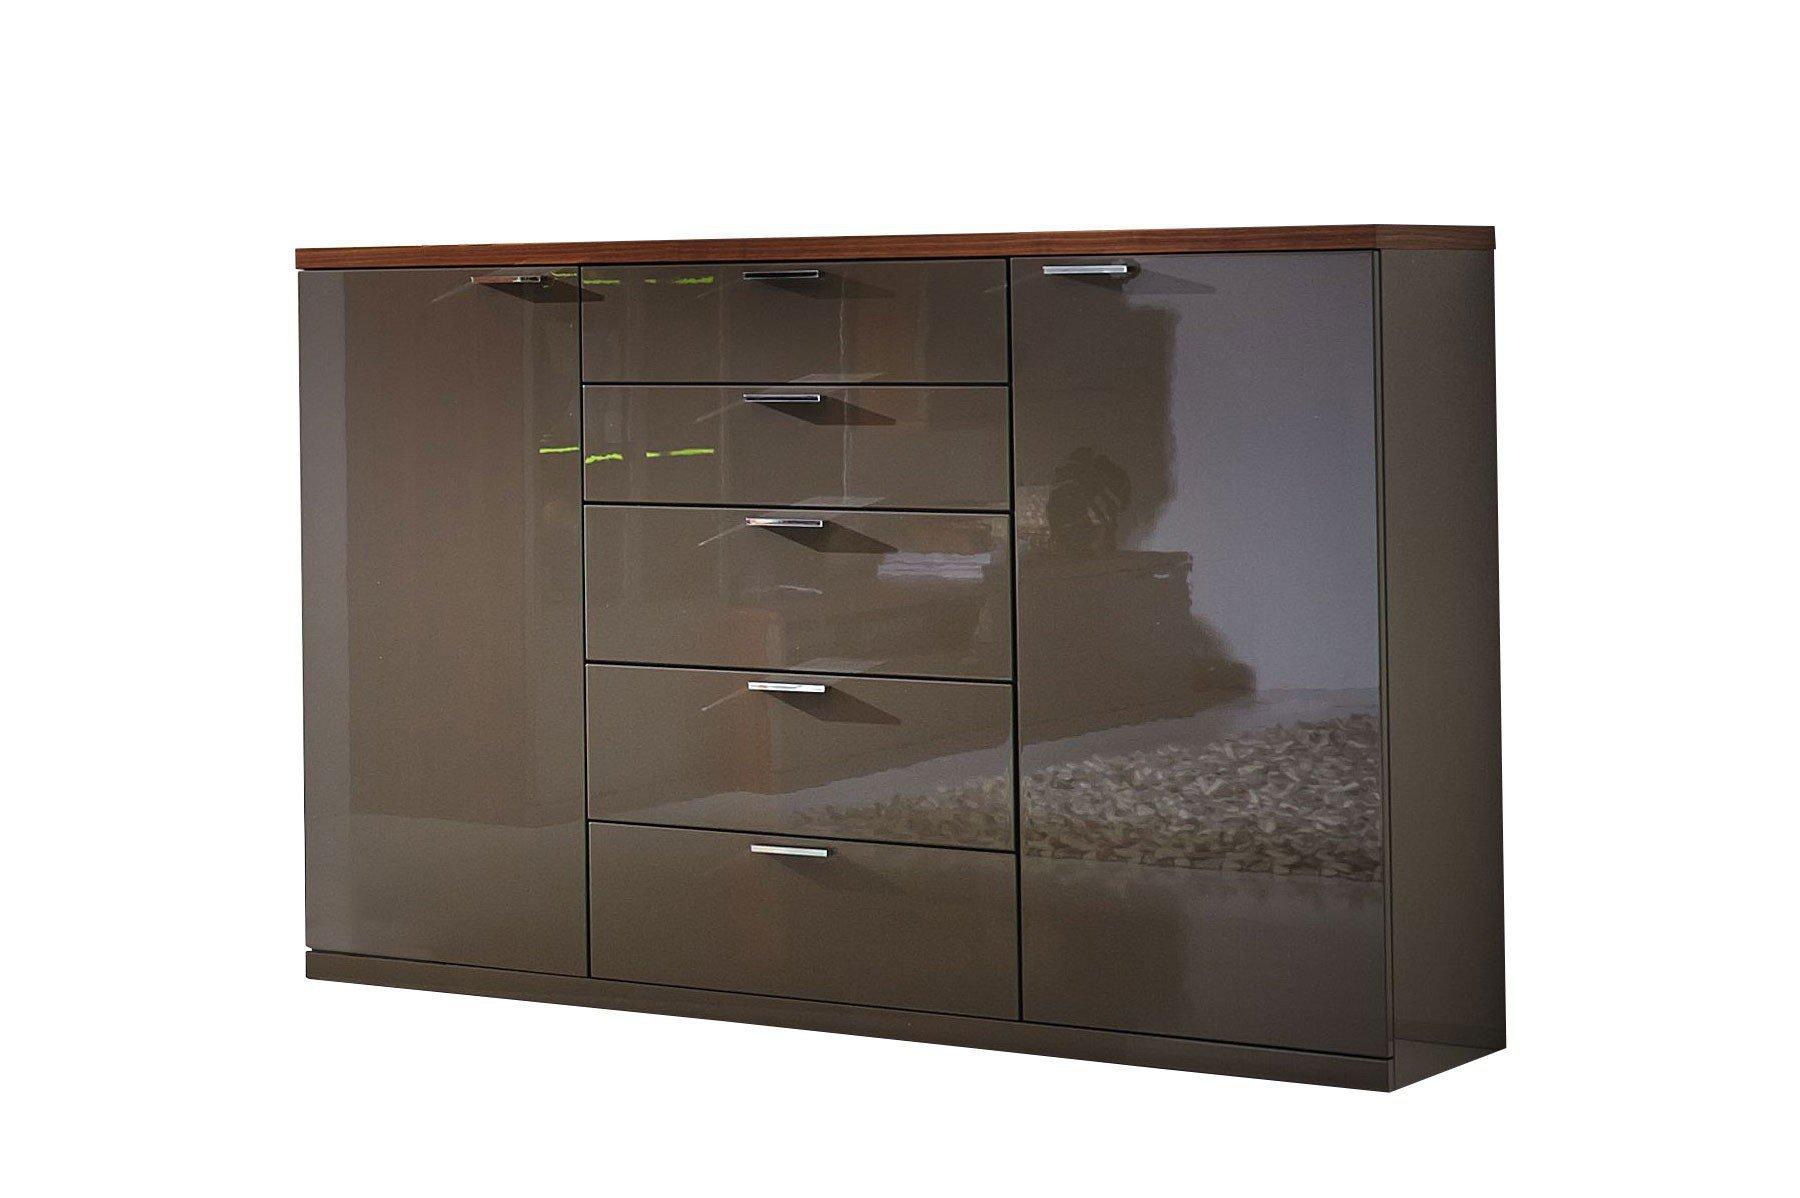 rietberger highboard siena celesta terra nussbaum m bel letz ihr online shop. Black Bedroom Furniture Sets. Home Design Ideas